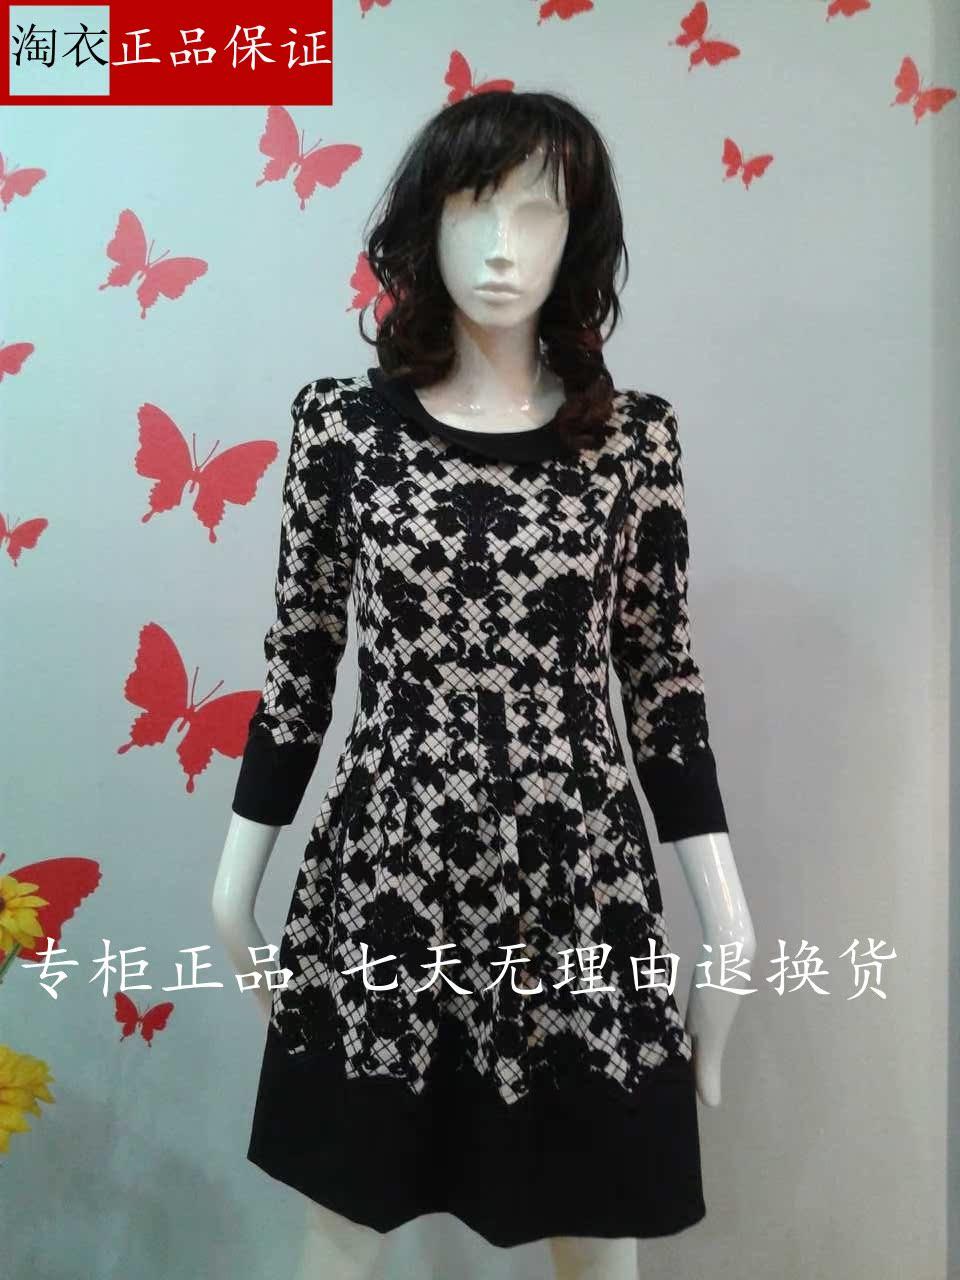 Женское платье Qiushuiyiren 133f2020025 2013 Осень 2013